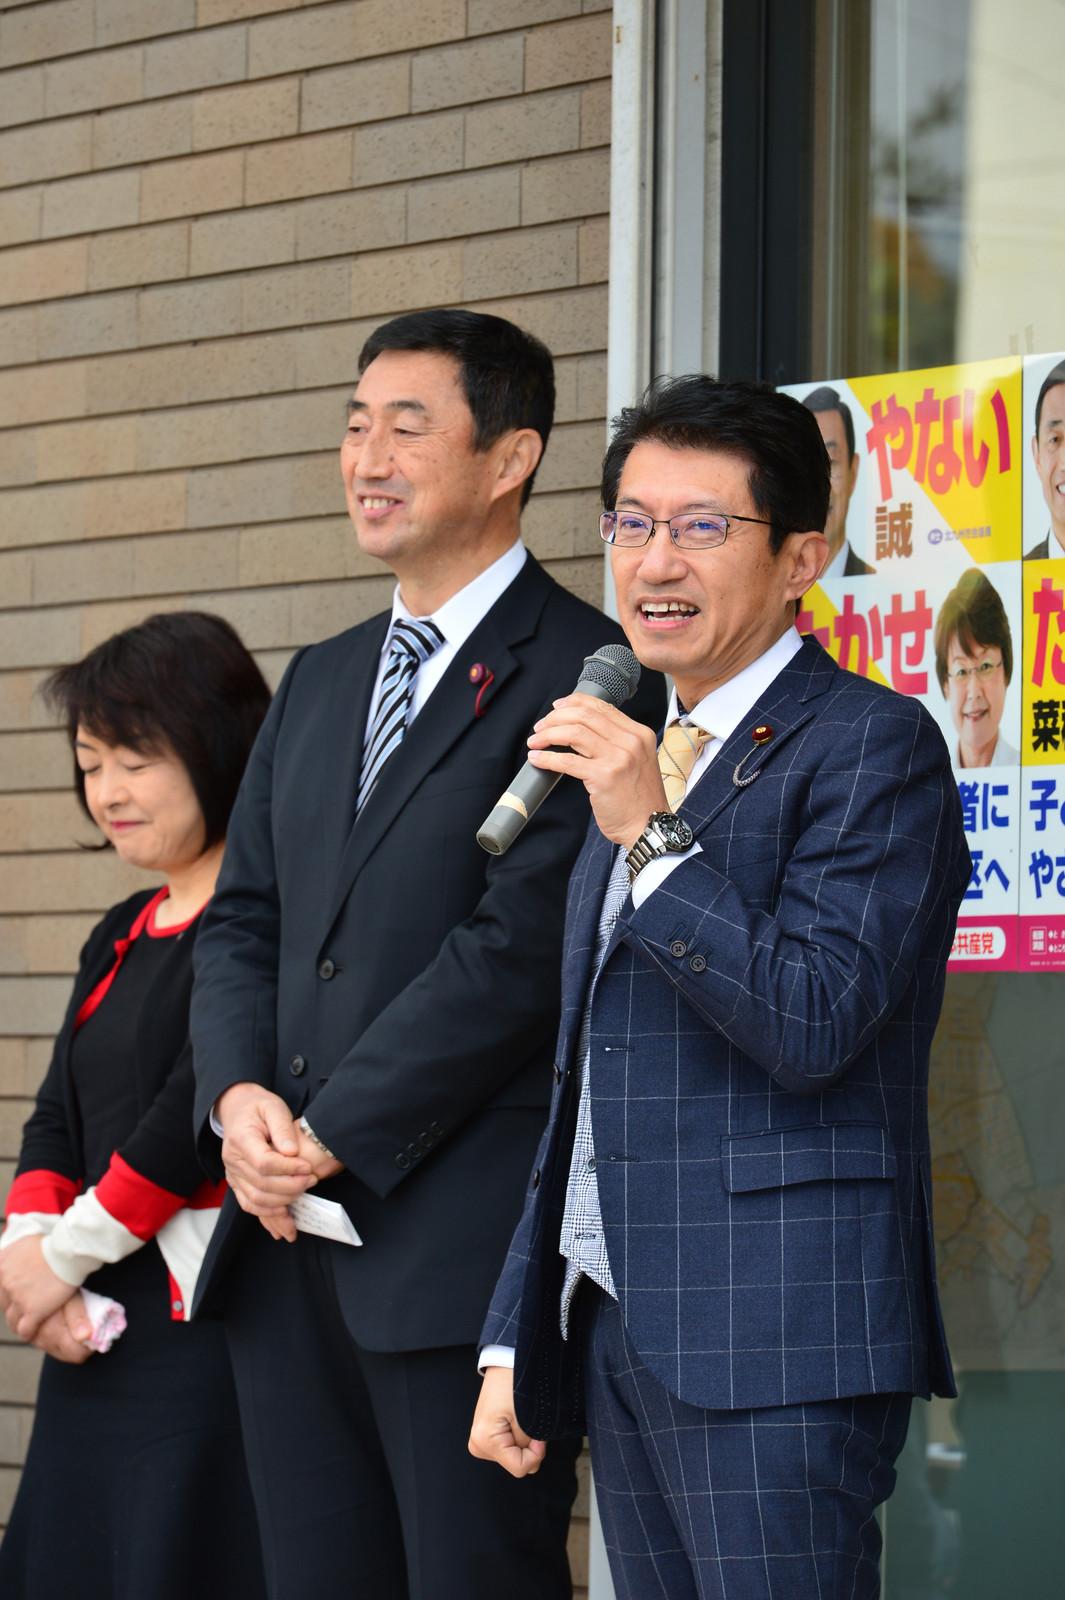 事務所開きであいさつする(右から)田村衆院議員とやない候補=12月11日、北九州市